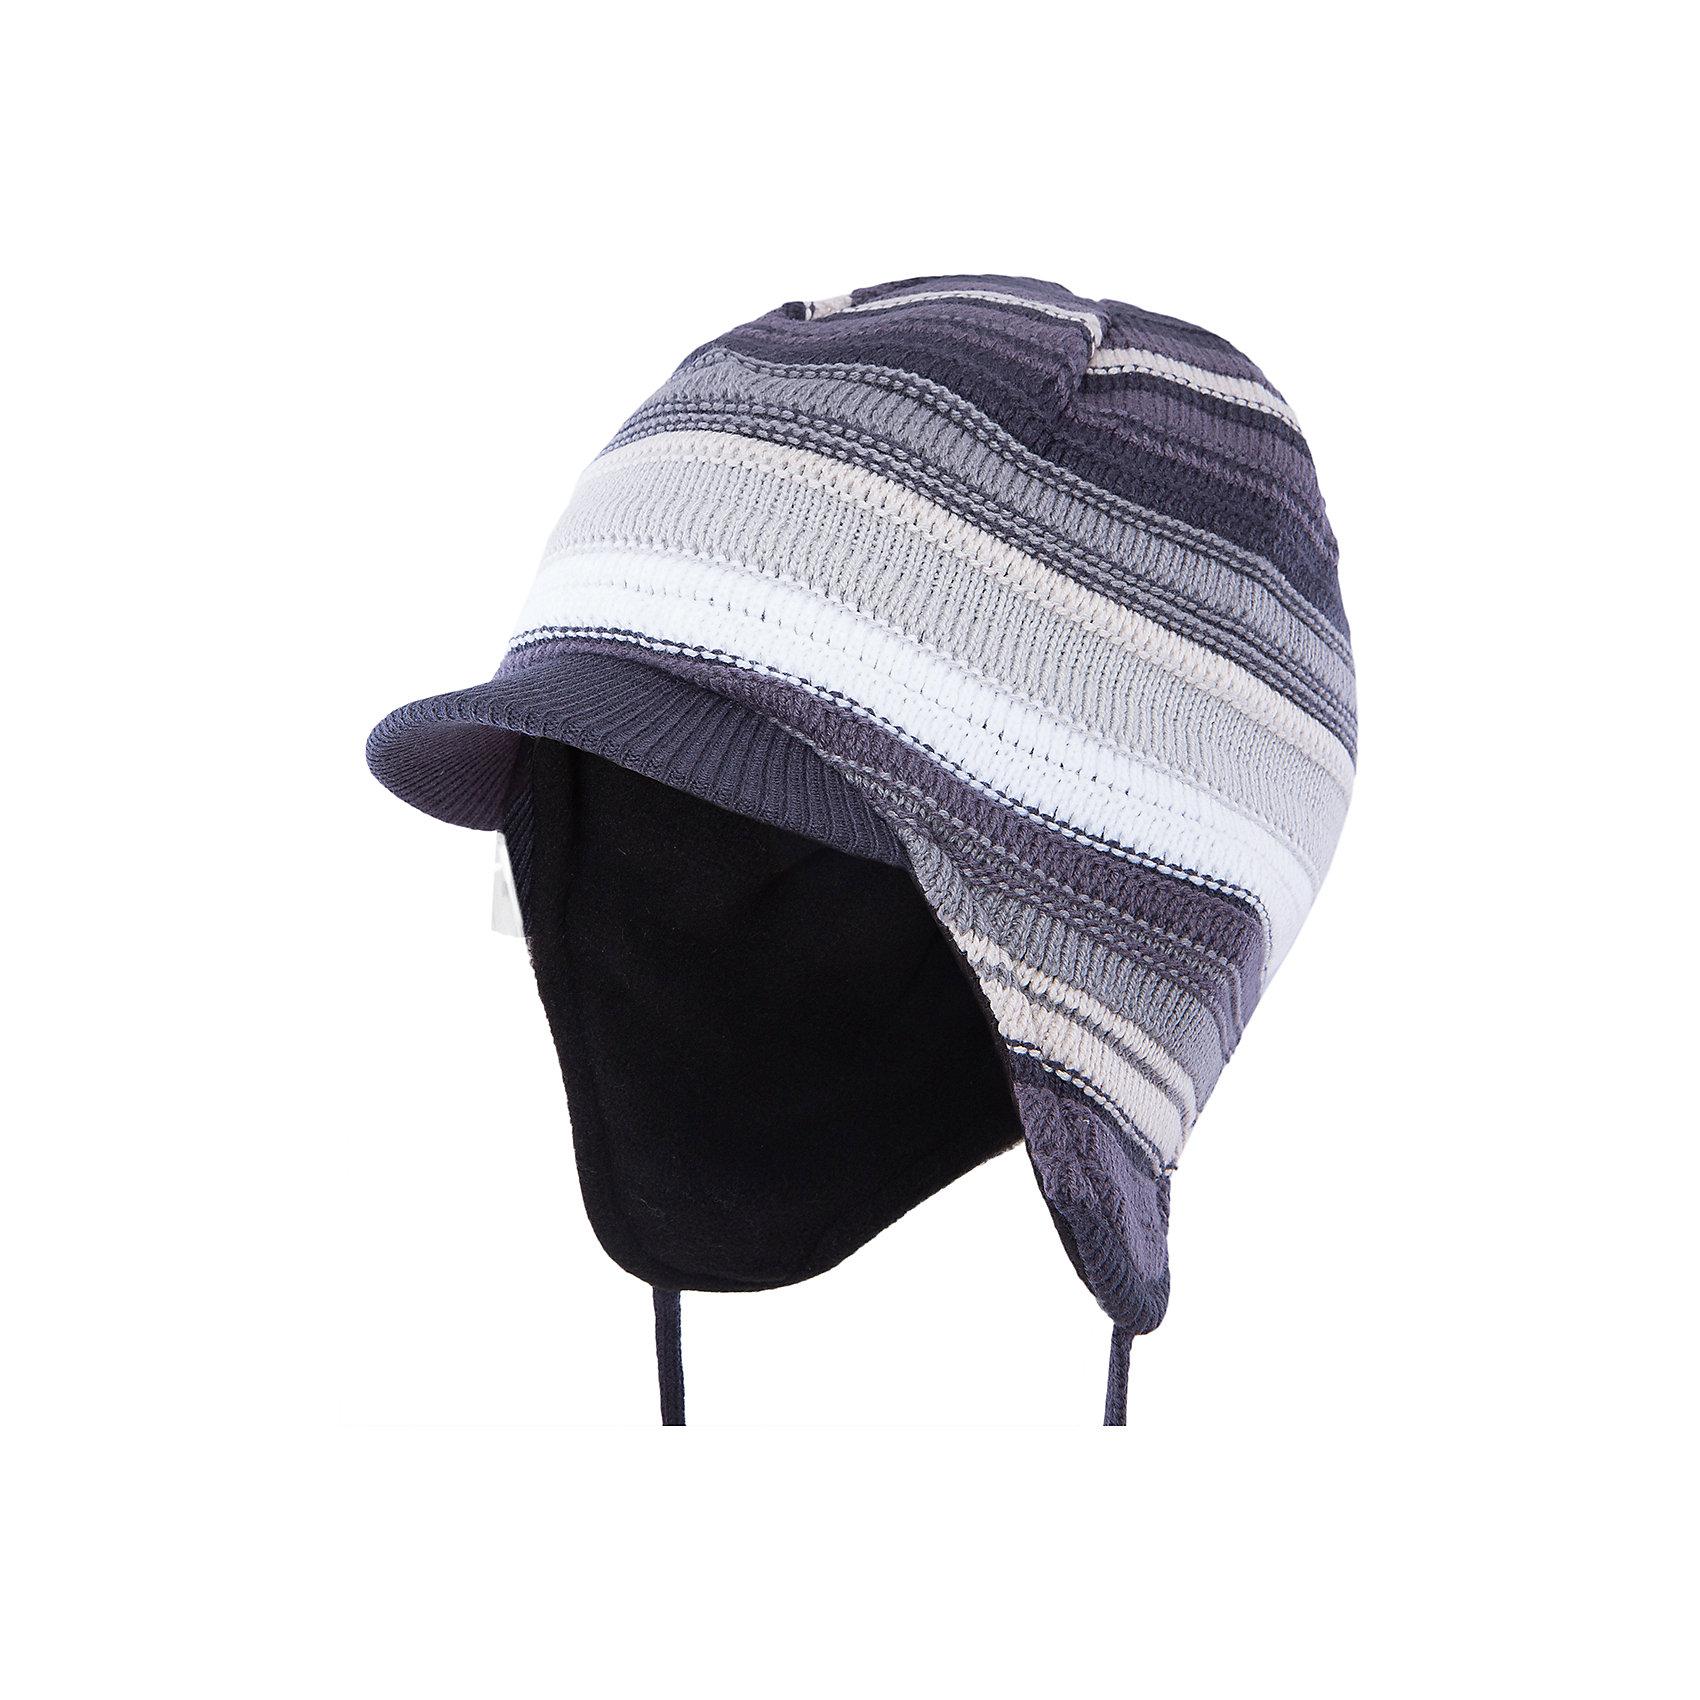 Шапка для мальчика PlayTodayШапка для мальчика от известного бренда PlayToday.<br>Теплая шапка из вязаного трикотажа в разнокалиберную полоску. Козырек надежно защитит от снега, удобные завязки. Внутри уютная флисовая подкладка.<br>Состав:<br>Верх: 60% хлопок, 40% акрил Подкладка: 100% полиэстер<br><br>Ширина мм: 89<br>Глубина мм: 117<br>Высота мм: 44<br>Вес г: 155<br>Цвет: серый<br>Возраст от месяцев: 24<br>Возраст до месяцев: 36<br>Пол: Мужской<br>Возраст: Детский<br>Размер: 50,52,54<br>SKU: 4898301